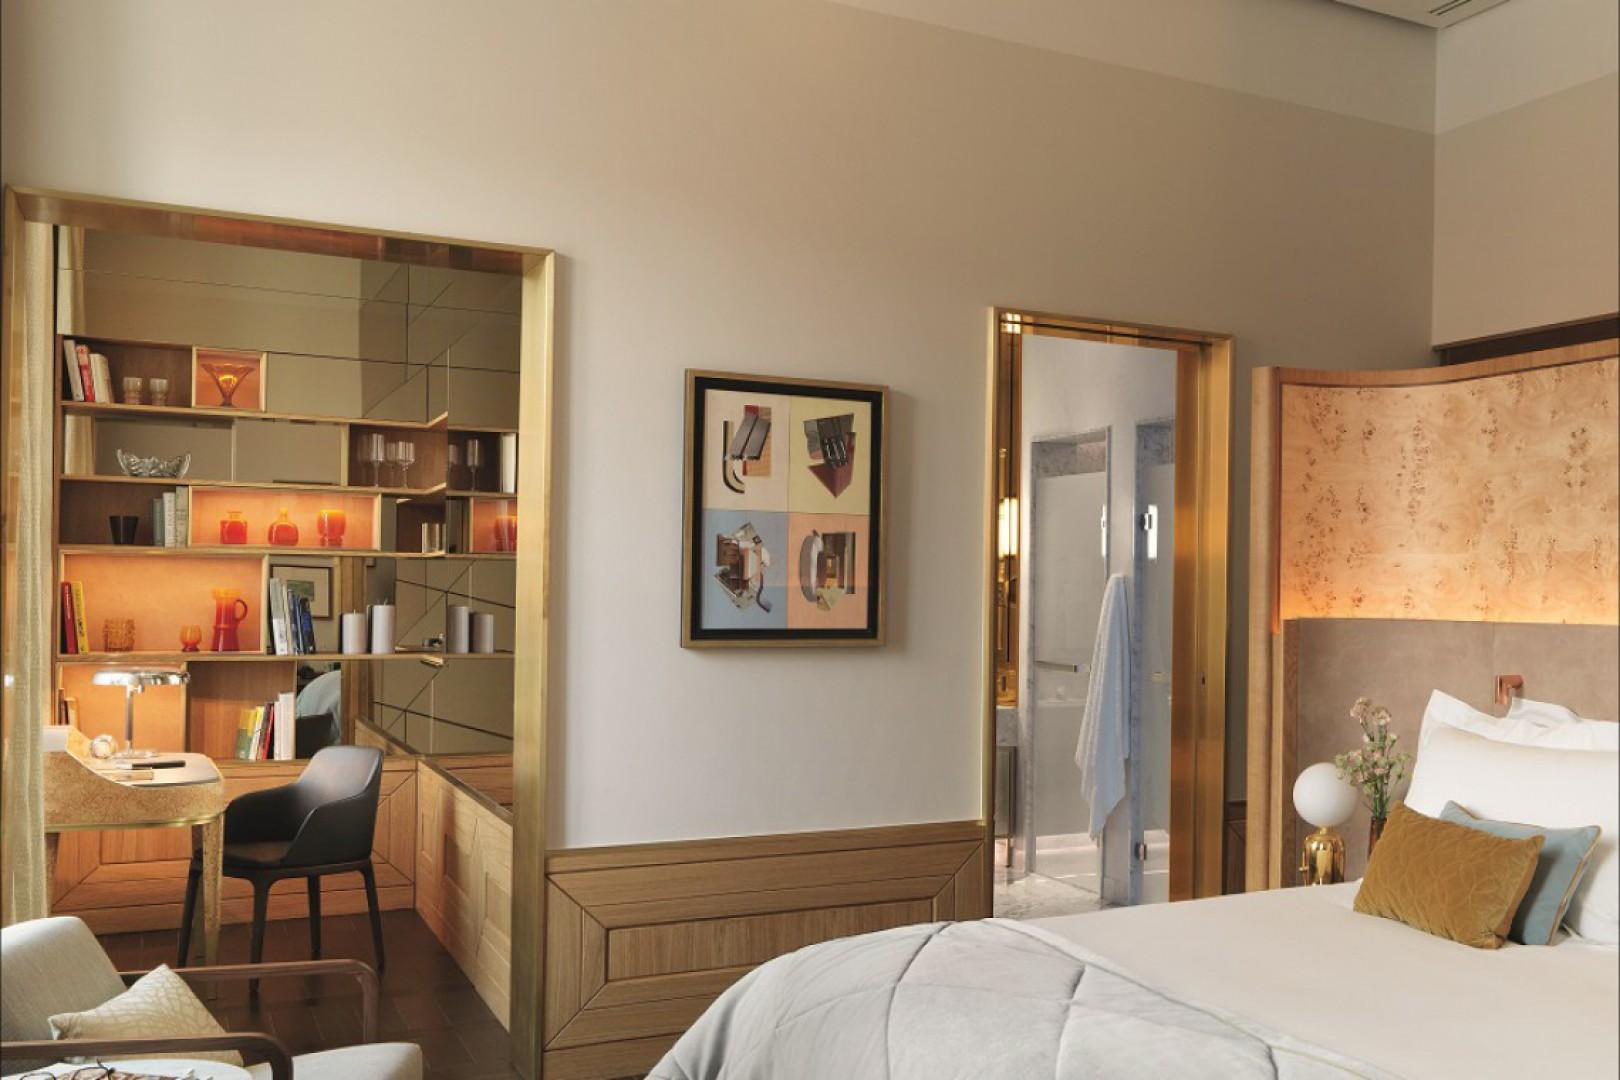 Wnętrza pokoi w hotelu Raffles Europejski Warsaw. Fot. Materiały prasowe